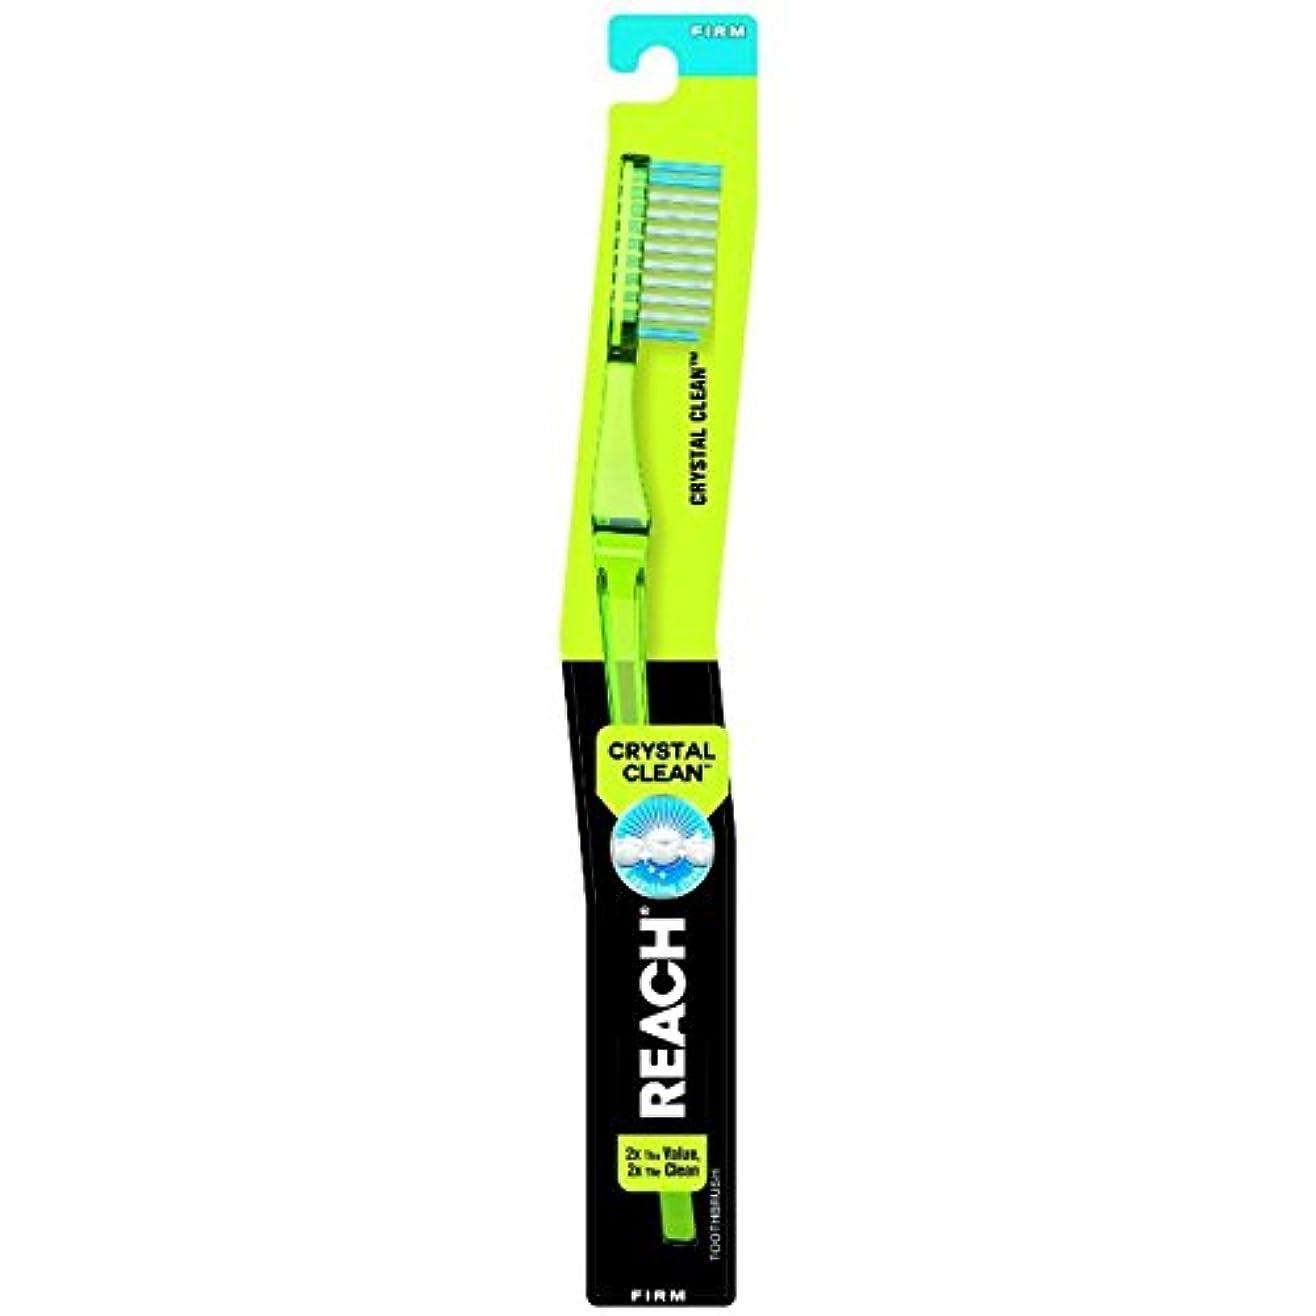 失望ドーム大きさReach クリスタルクリーン事務所抗菌キャップ、1 EAで大人歯ブラシ - ブルー(4パック) 4パック